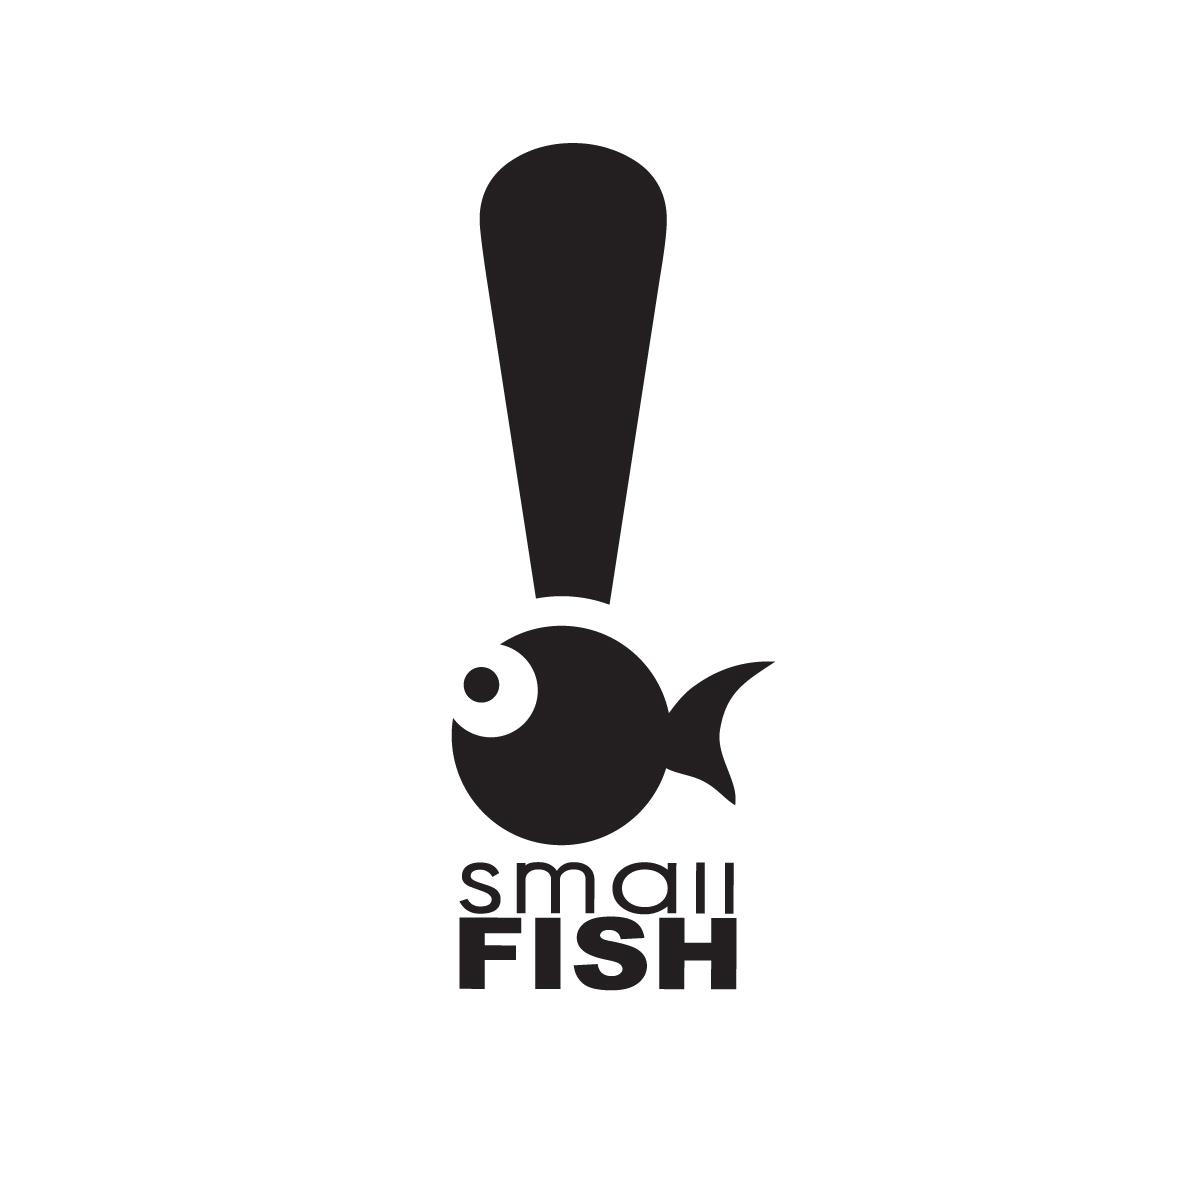 Small Fish -